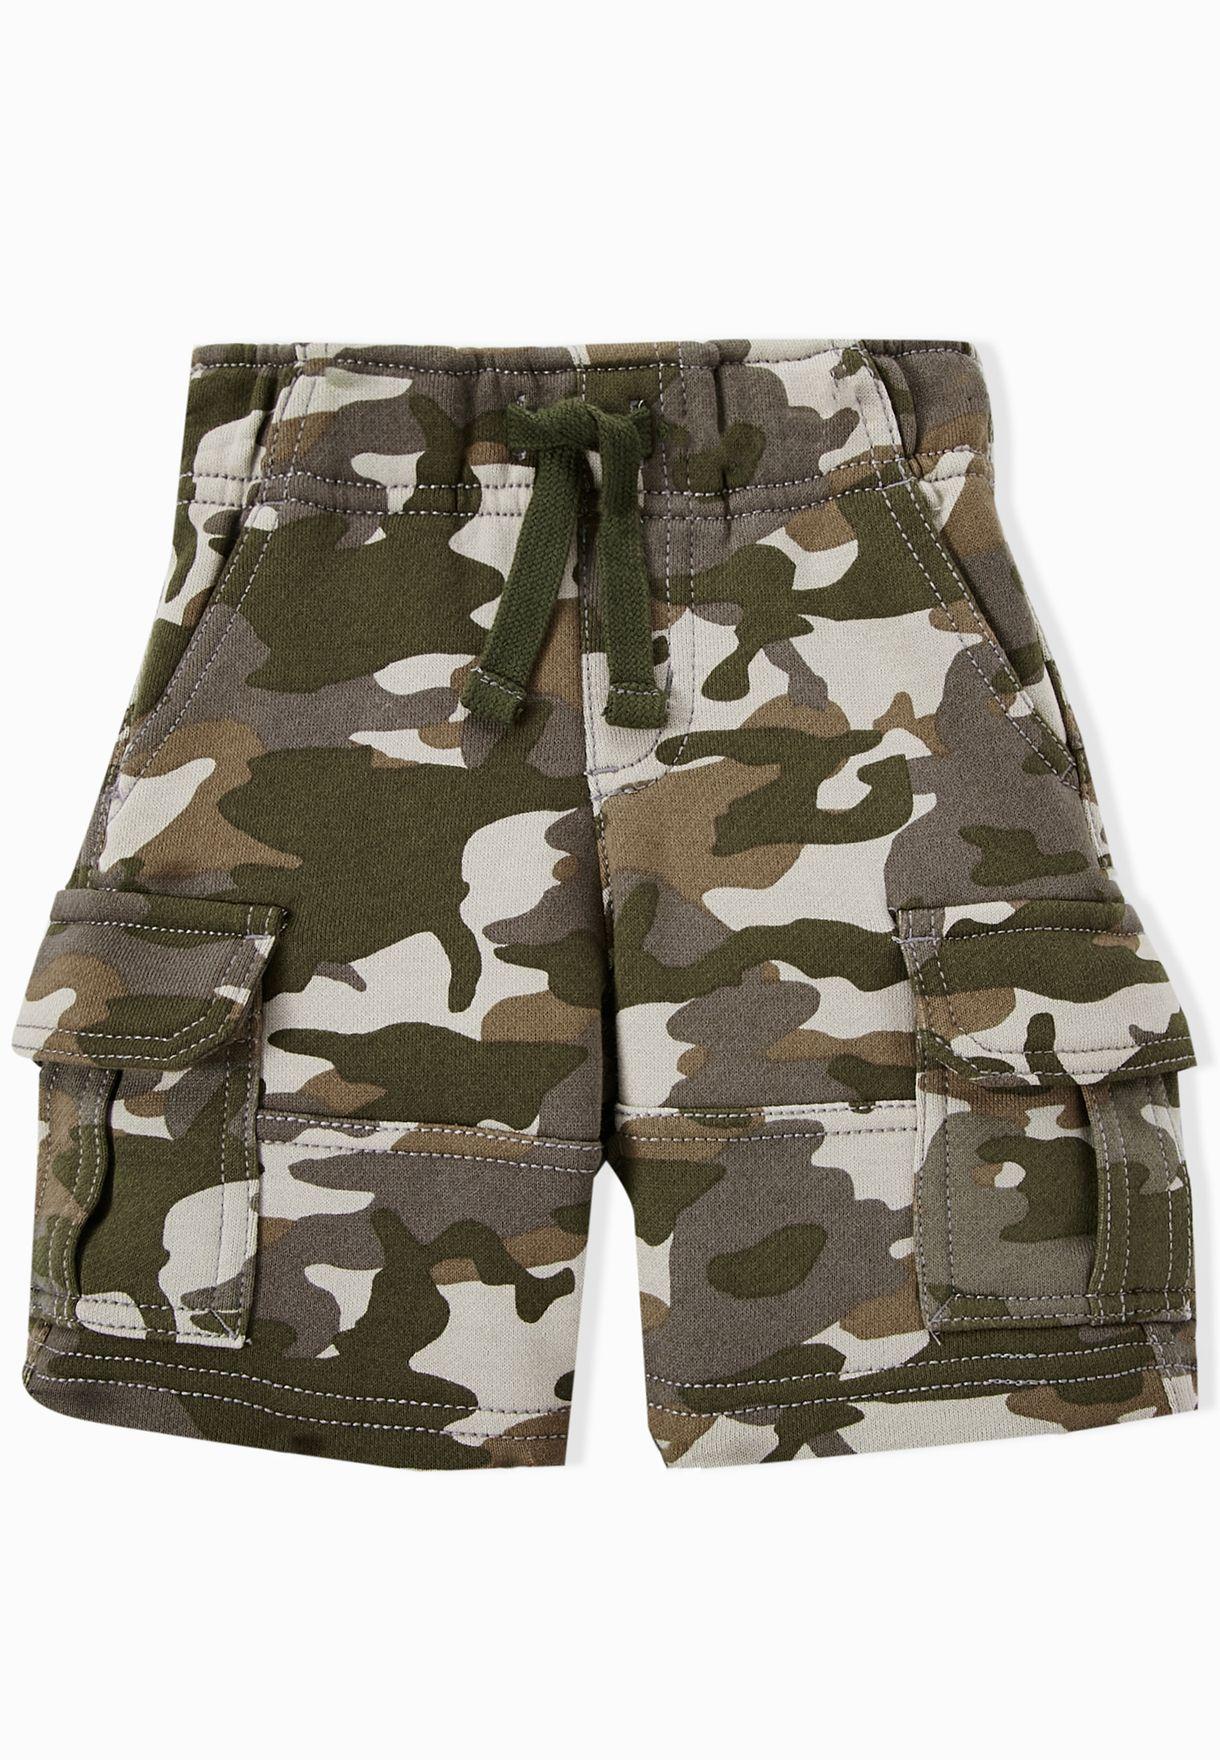 Baby & Toddler Clothing Nwt Gymboree Baby Boys Shorts Adjustable Waist Or Elastic Waist